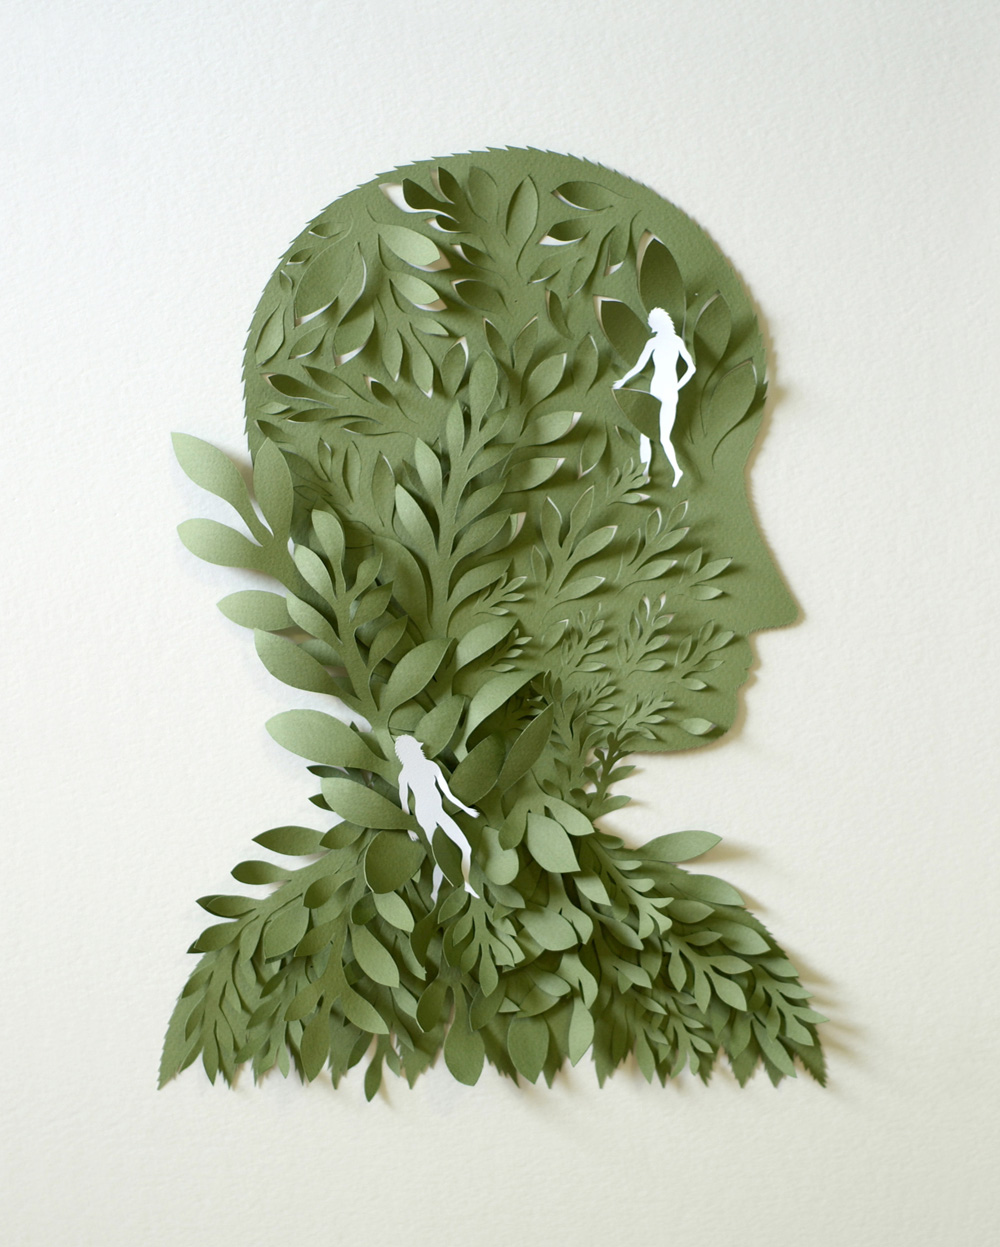 Green Head. Paper Sculpture by Elsa Mora